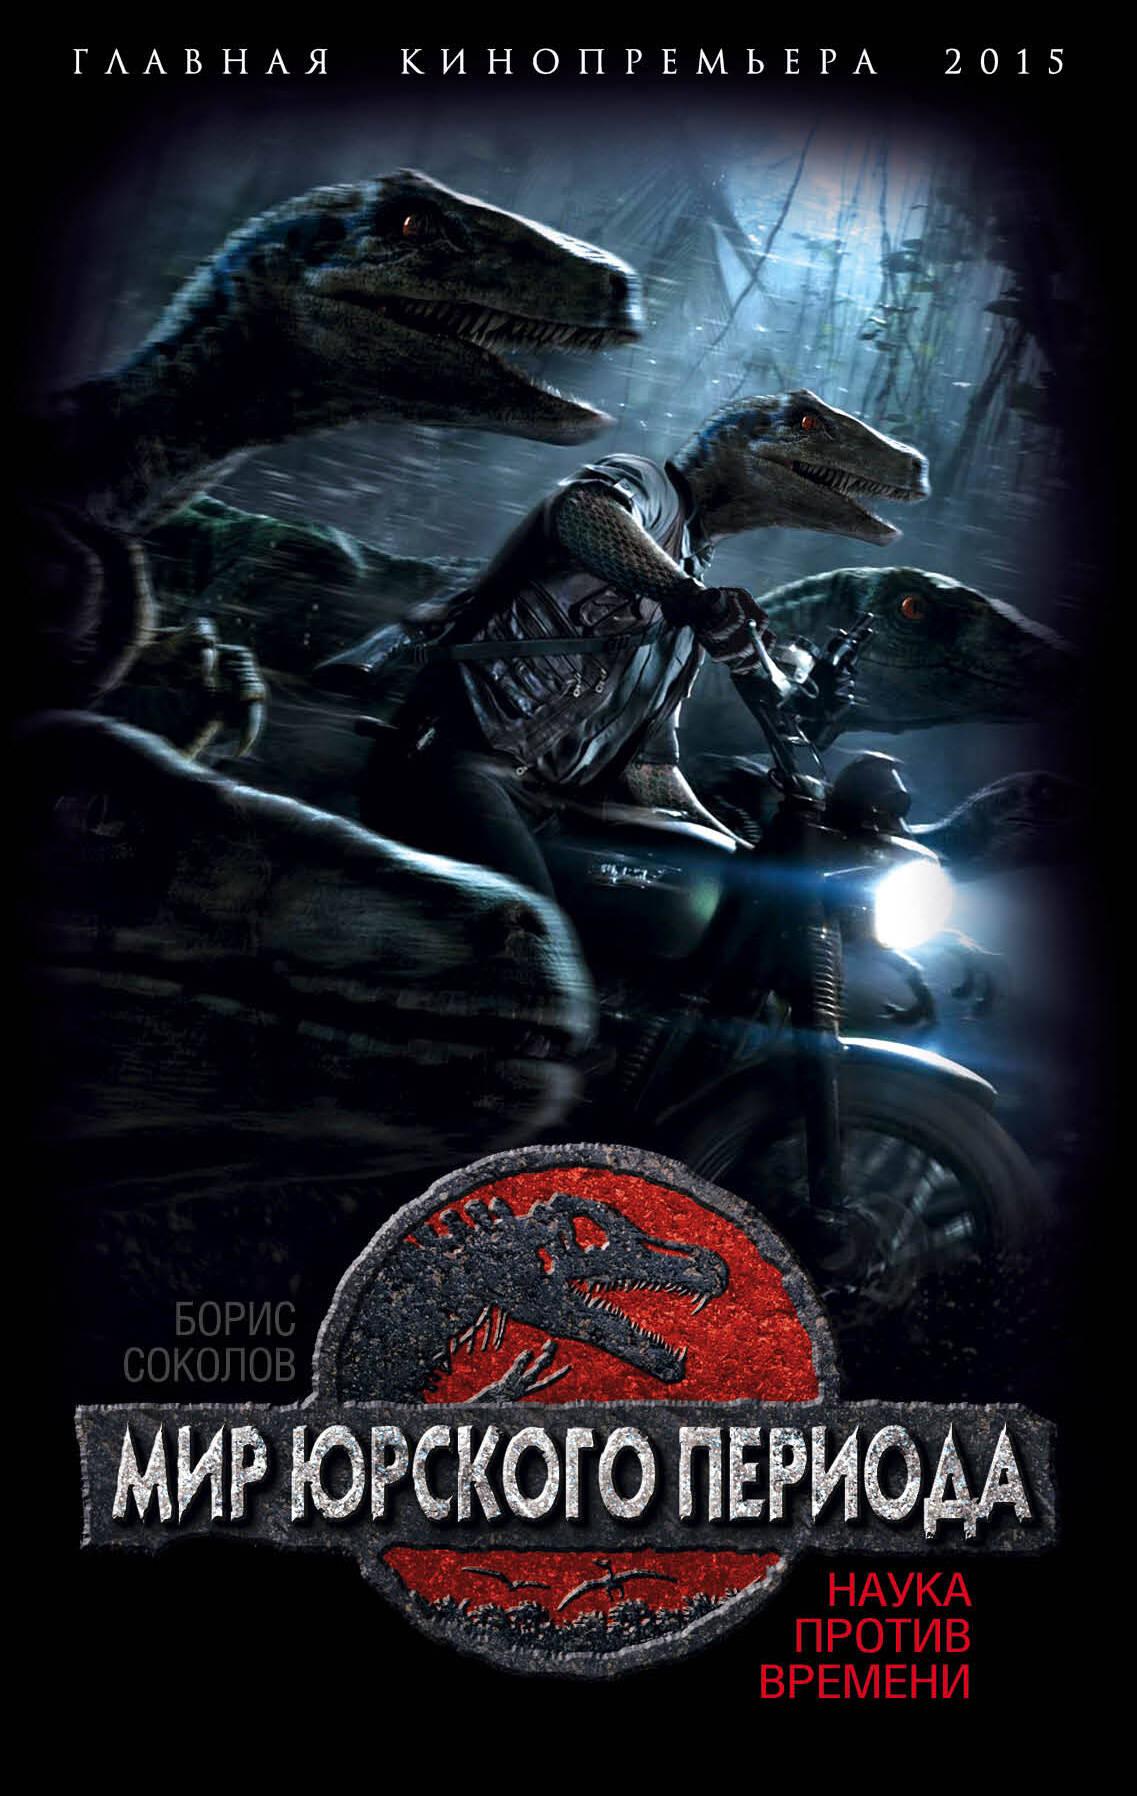 Мир Юрского периода - КиноПоиск